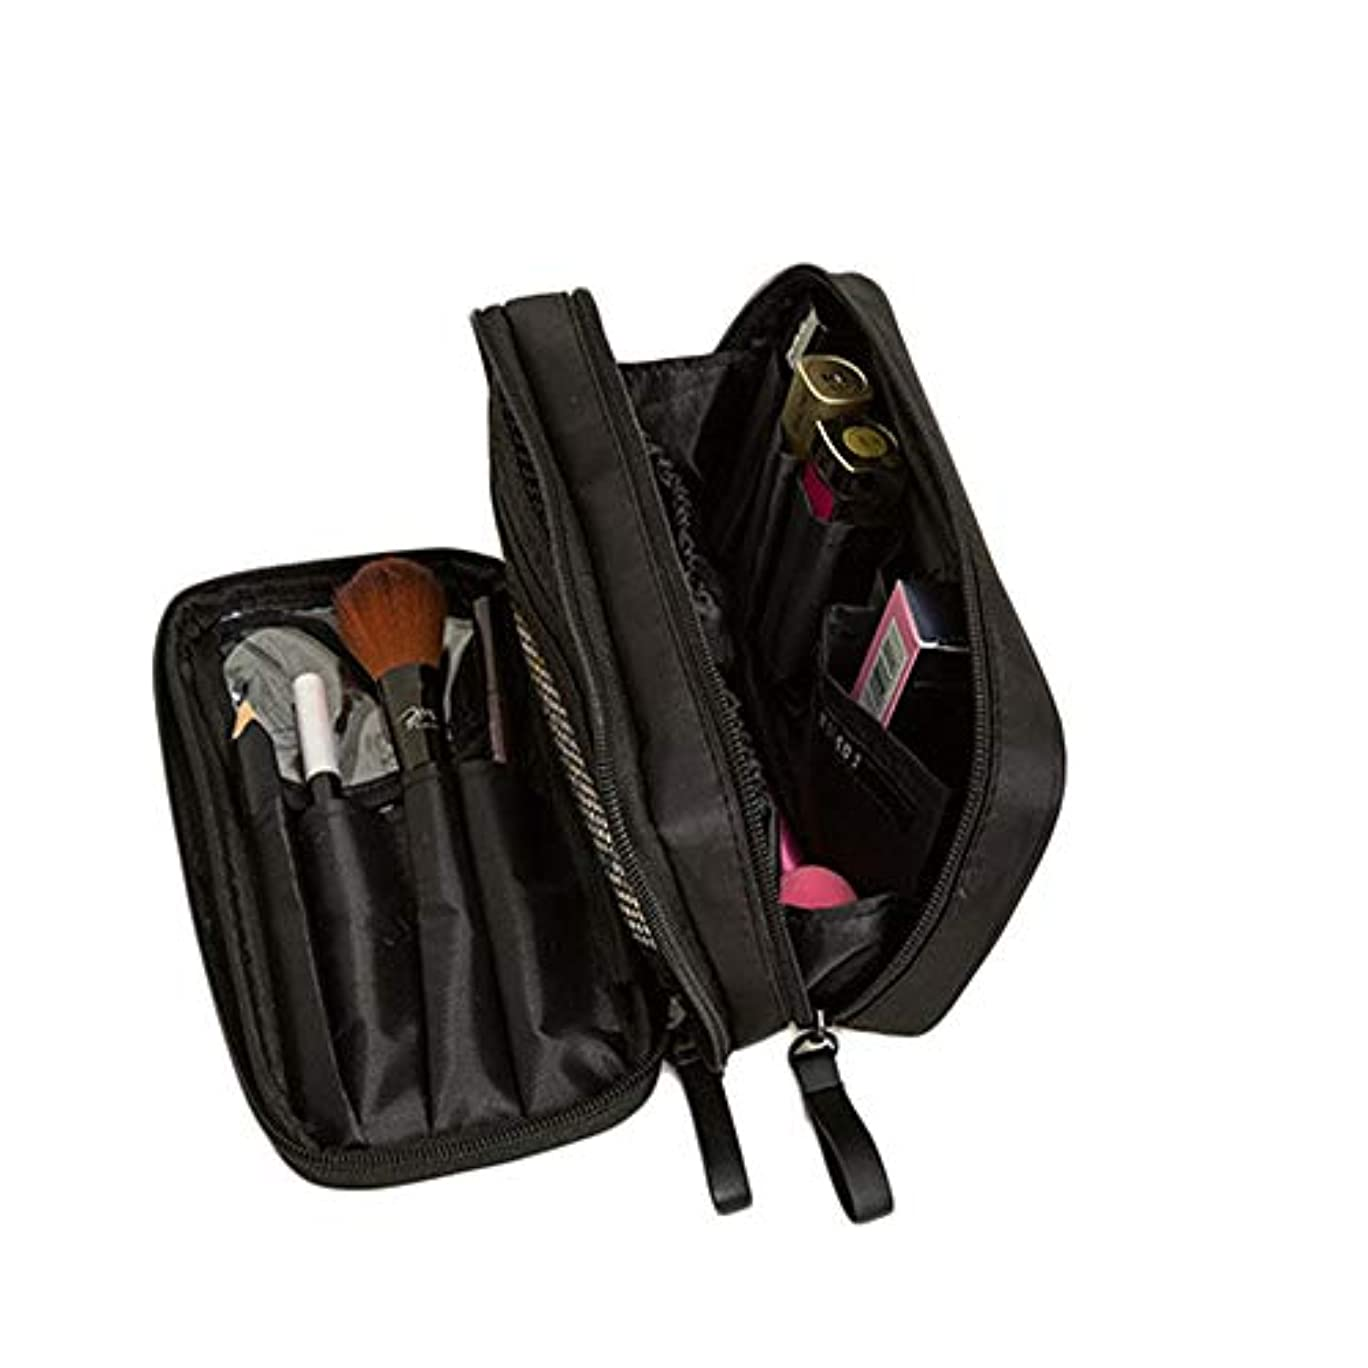 赤外線母性誰も特大スペース収納ビューティーボックス 携帯用化粧品袋、専門の化粧品袋の札入れの旅行者の密集した二重層化粧品/化粧品のブラシ袋の女性、旅行/電車セットの貯蔵袋。 化粧品化粧台 (色 : ブラック)